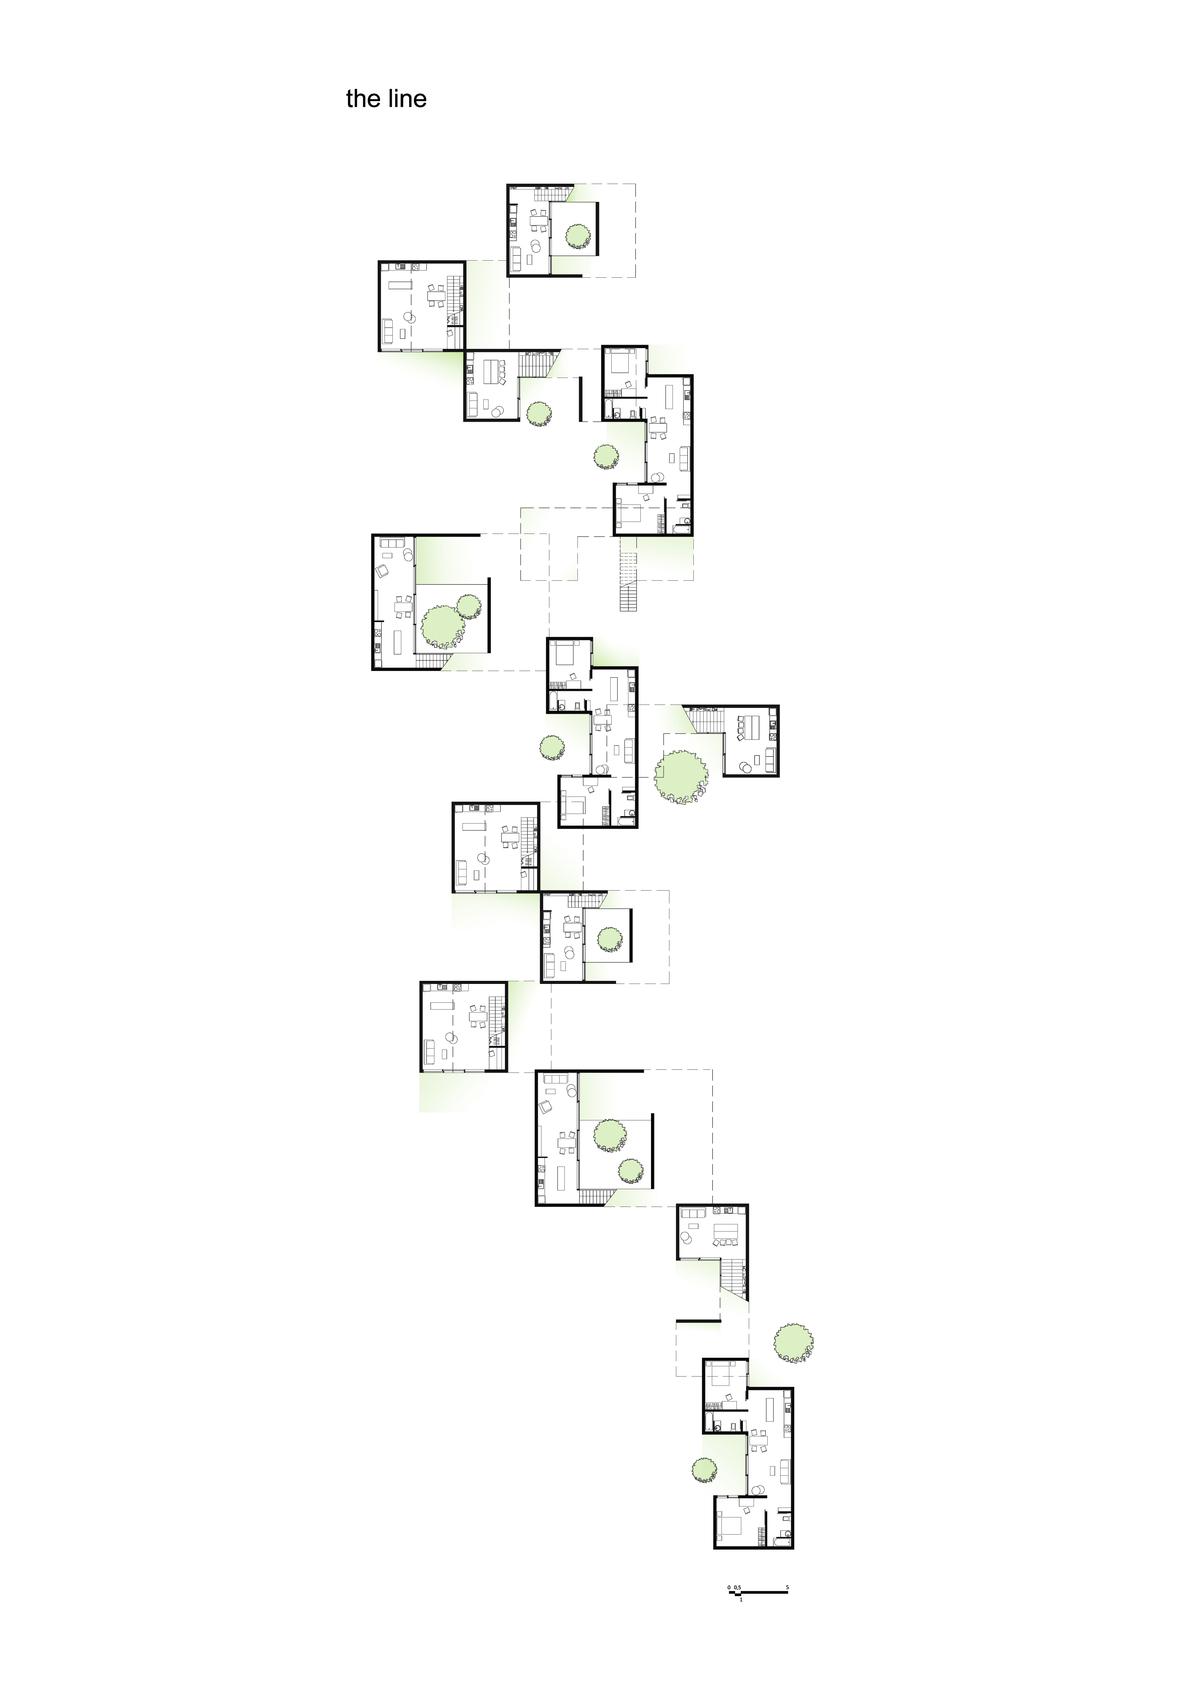 Neighborhood Cluster s